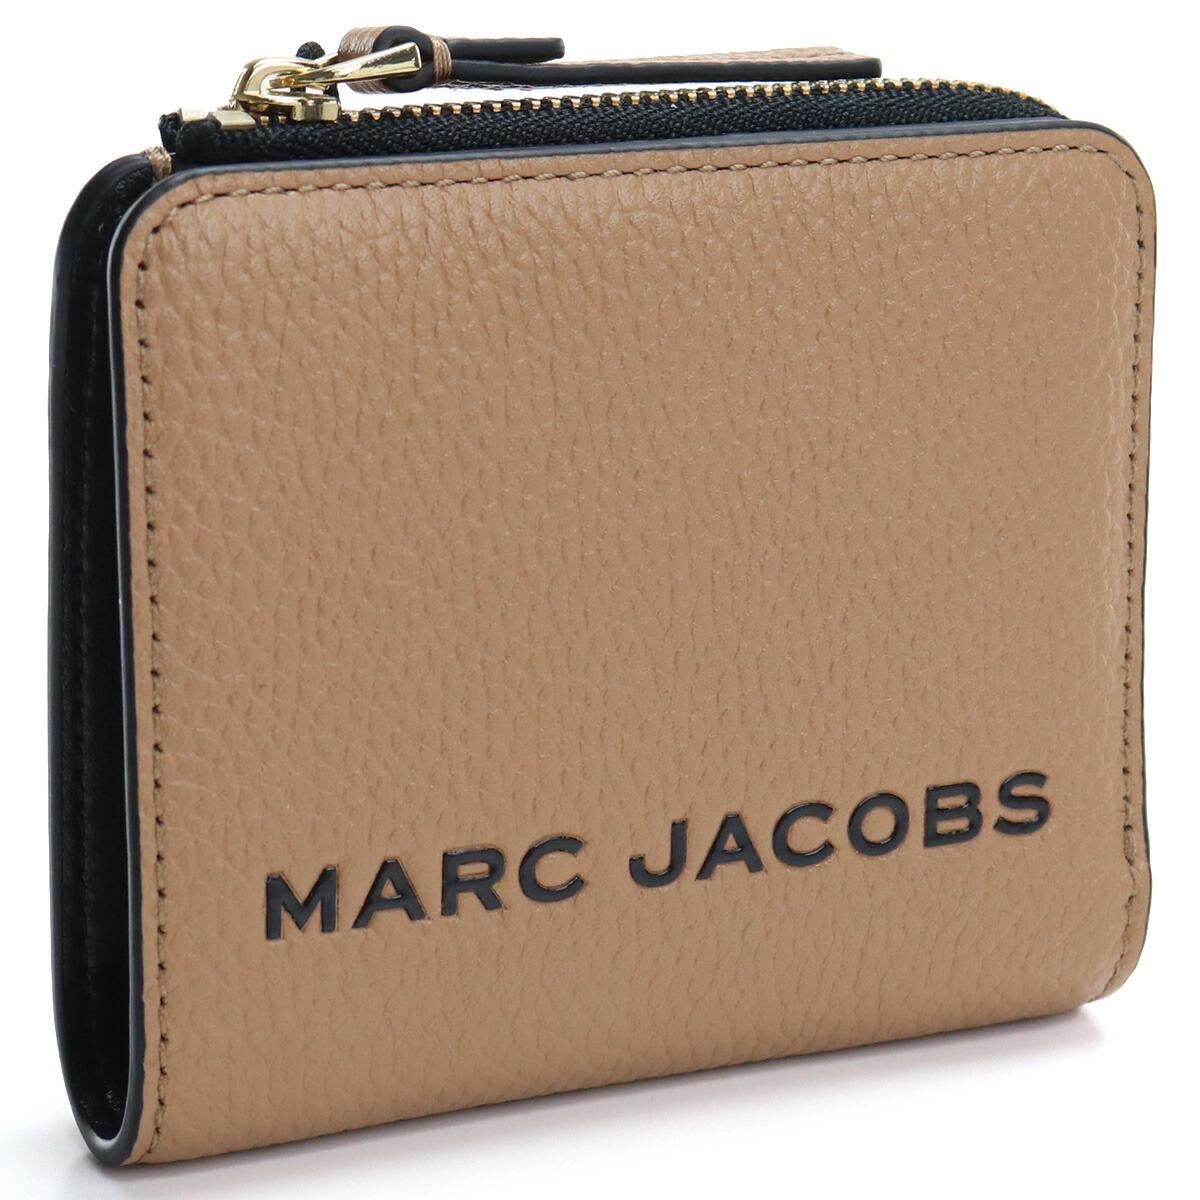 マーク・ジェイコブス MARC JACOBS  2つ折り財布 コンパクト財布 ミニ財布 ブランド財布 M0017140 219 MEDIUM TAN ブラウン系 gsw-2